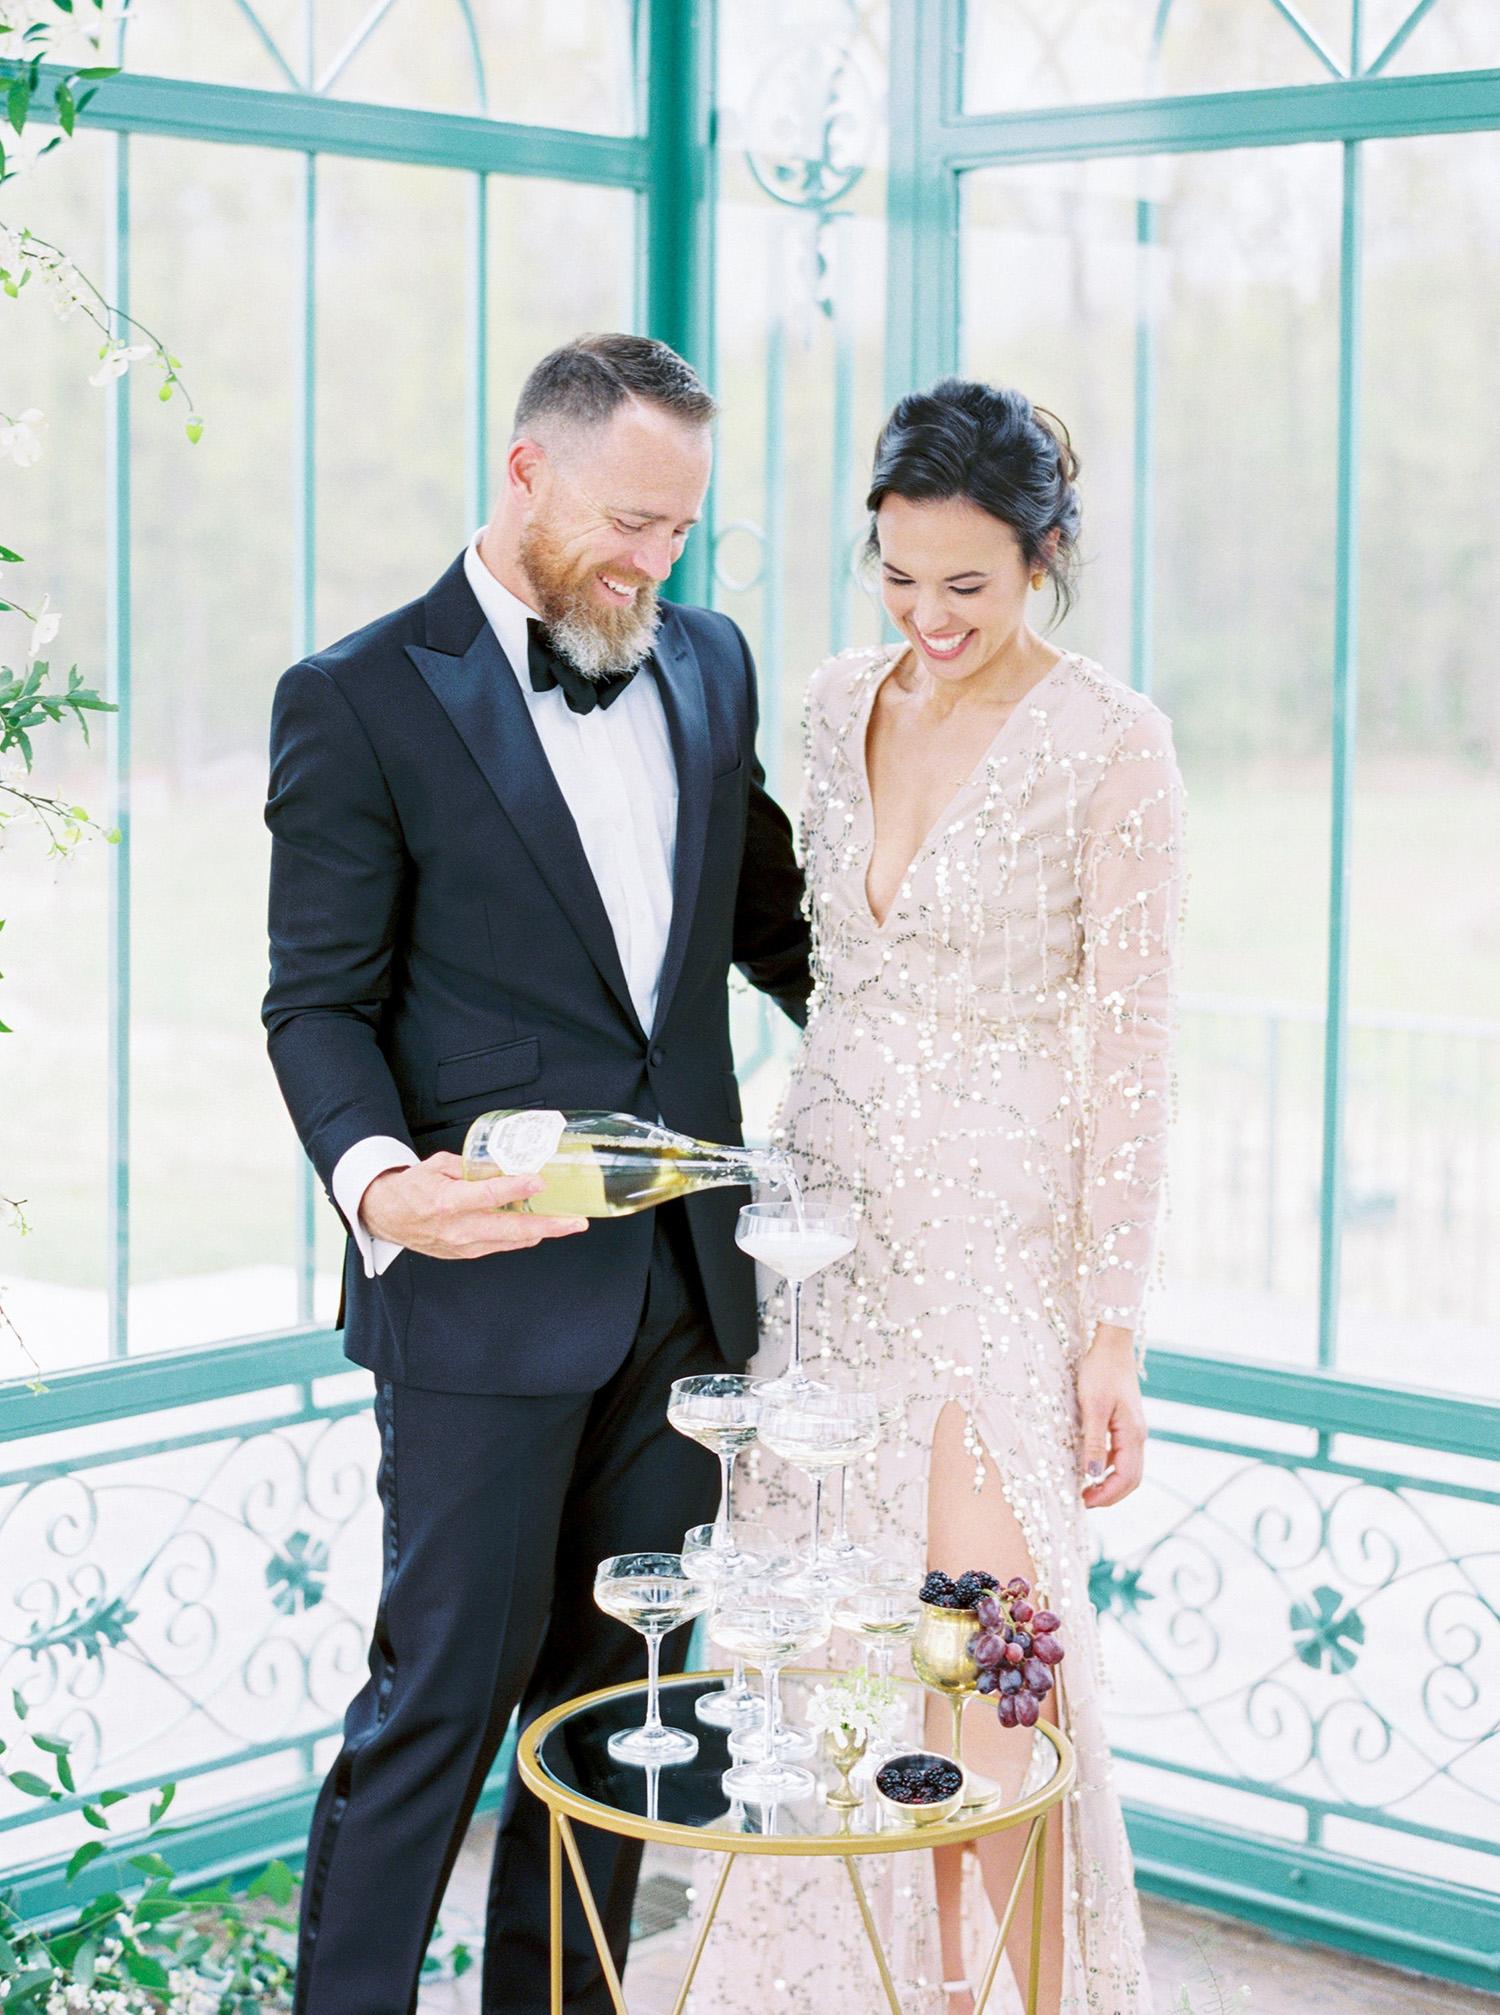 evan dustin vow renewal bride groom champagne tower